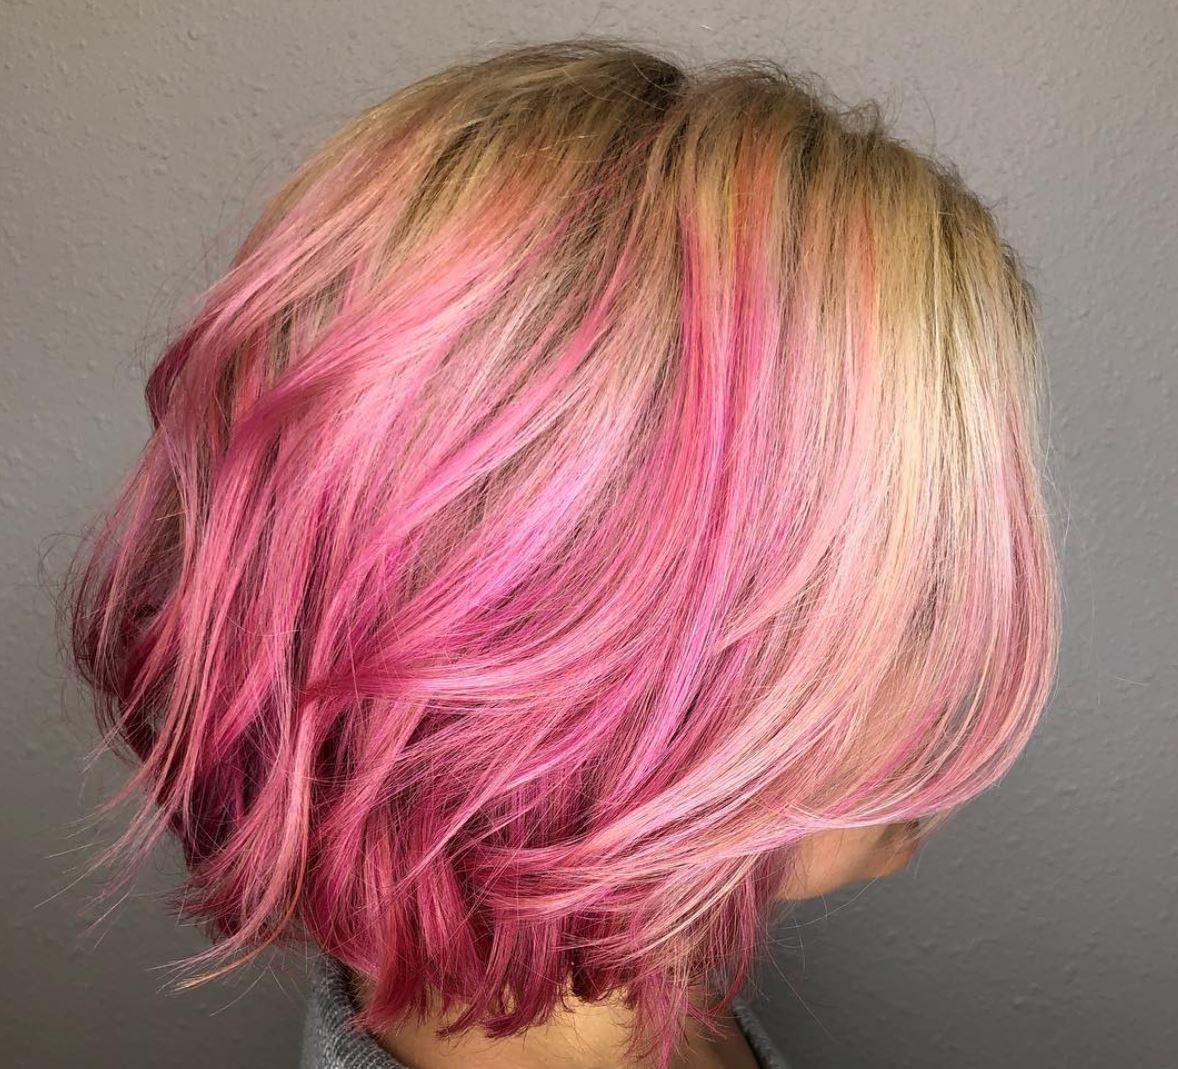 pinkpink.JPG